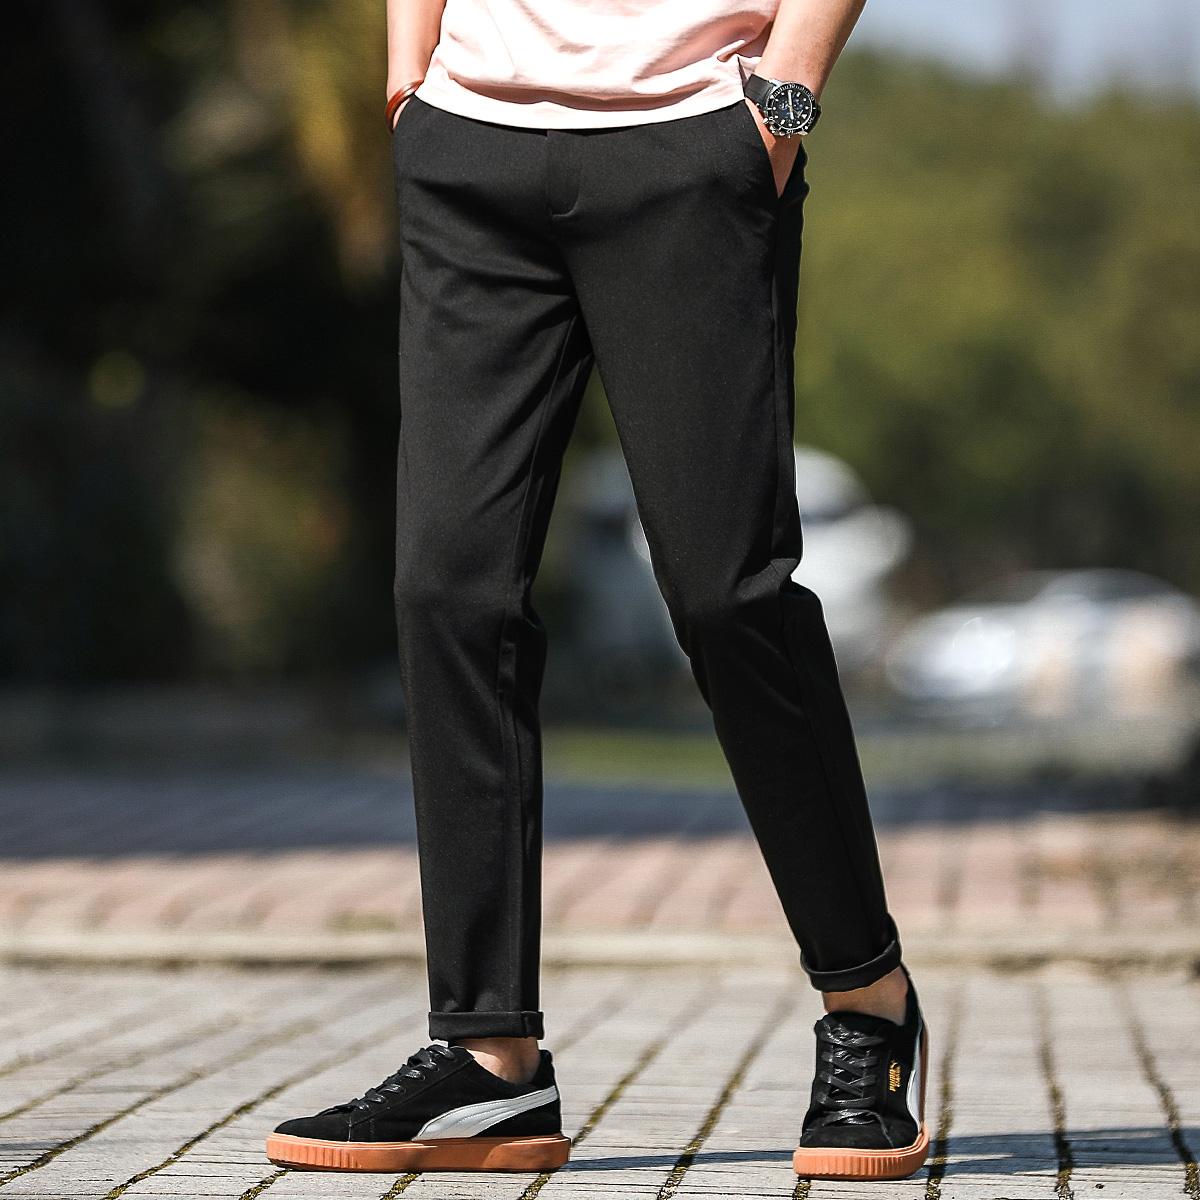 布衣传说夏季薄款纯色休闲裤子男士青年韩版潮流透气直筒小脚长裤